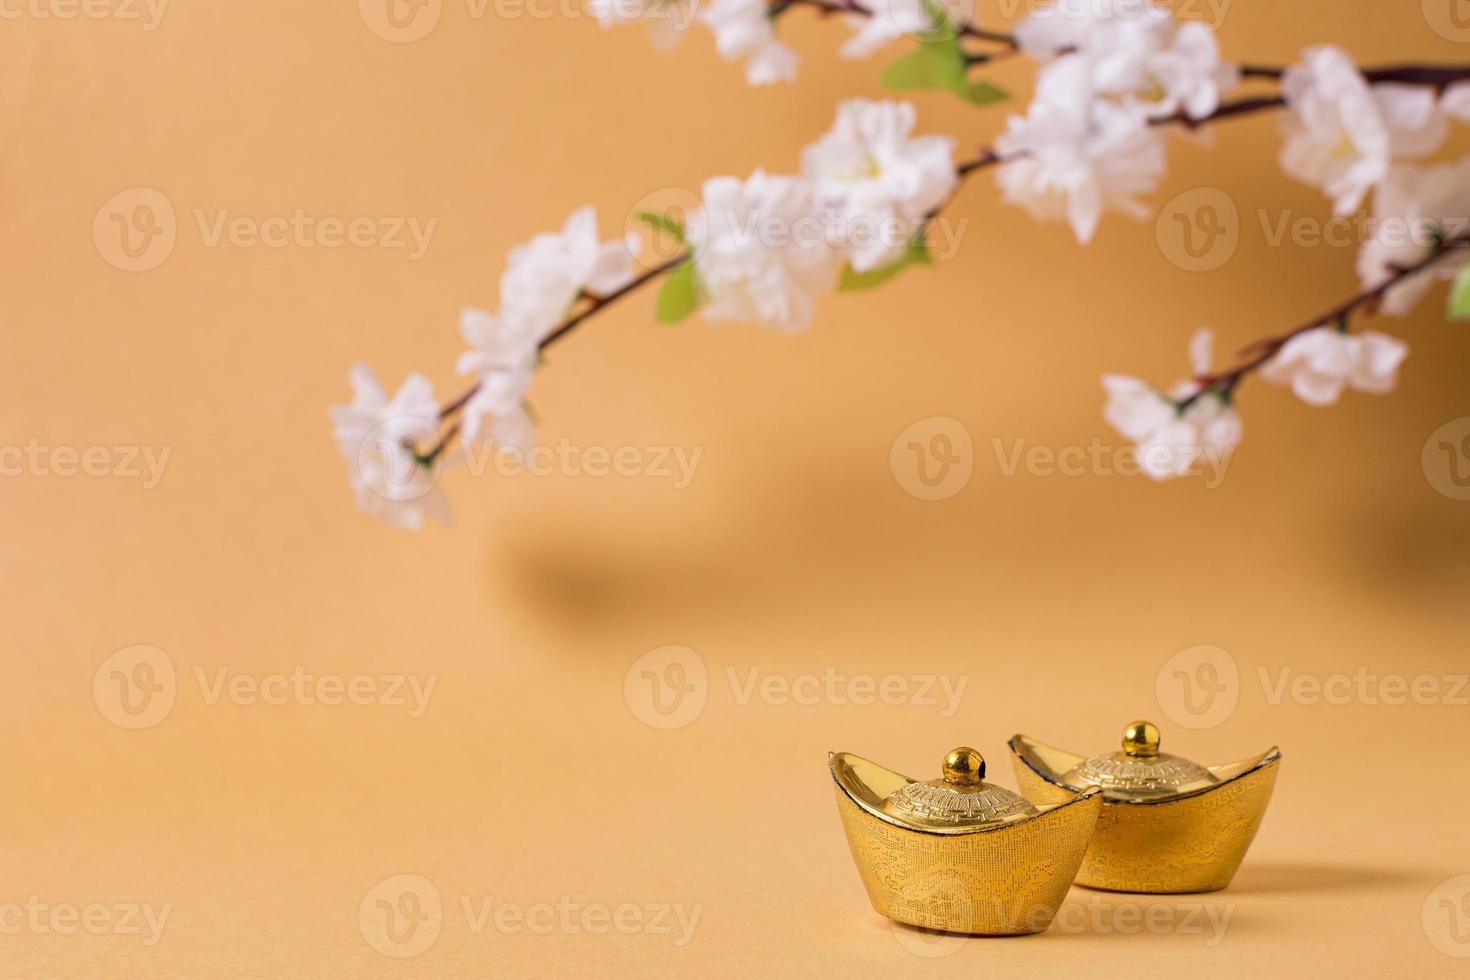 Concepto de año nuevo chino con árbol en flor sobre fondo naranja foto